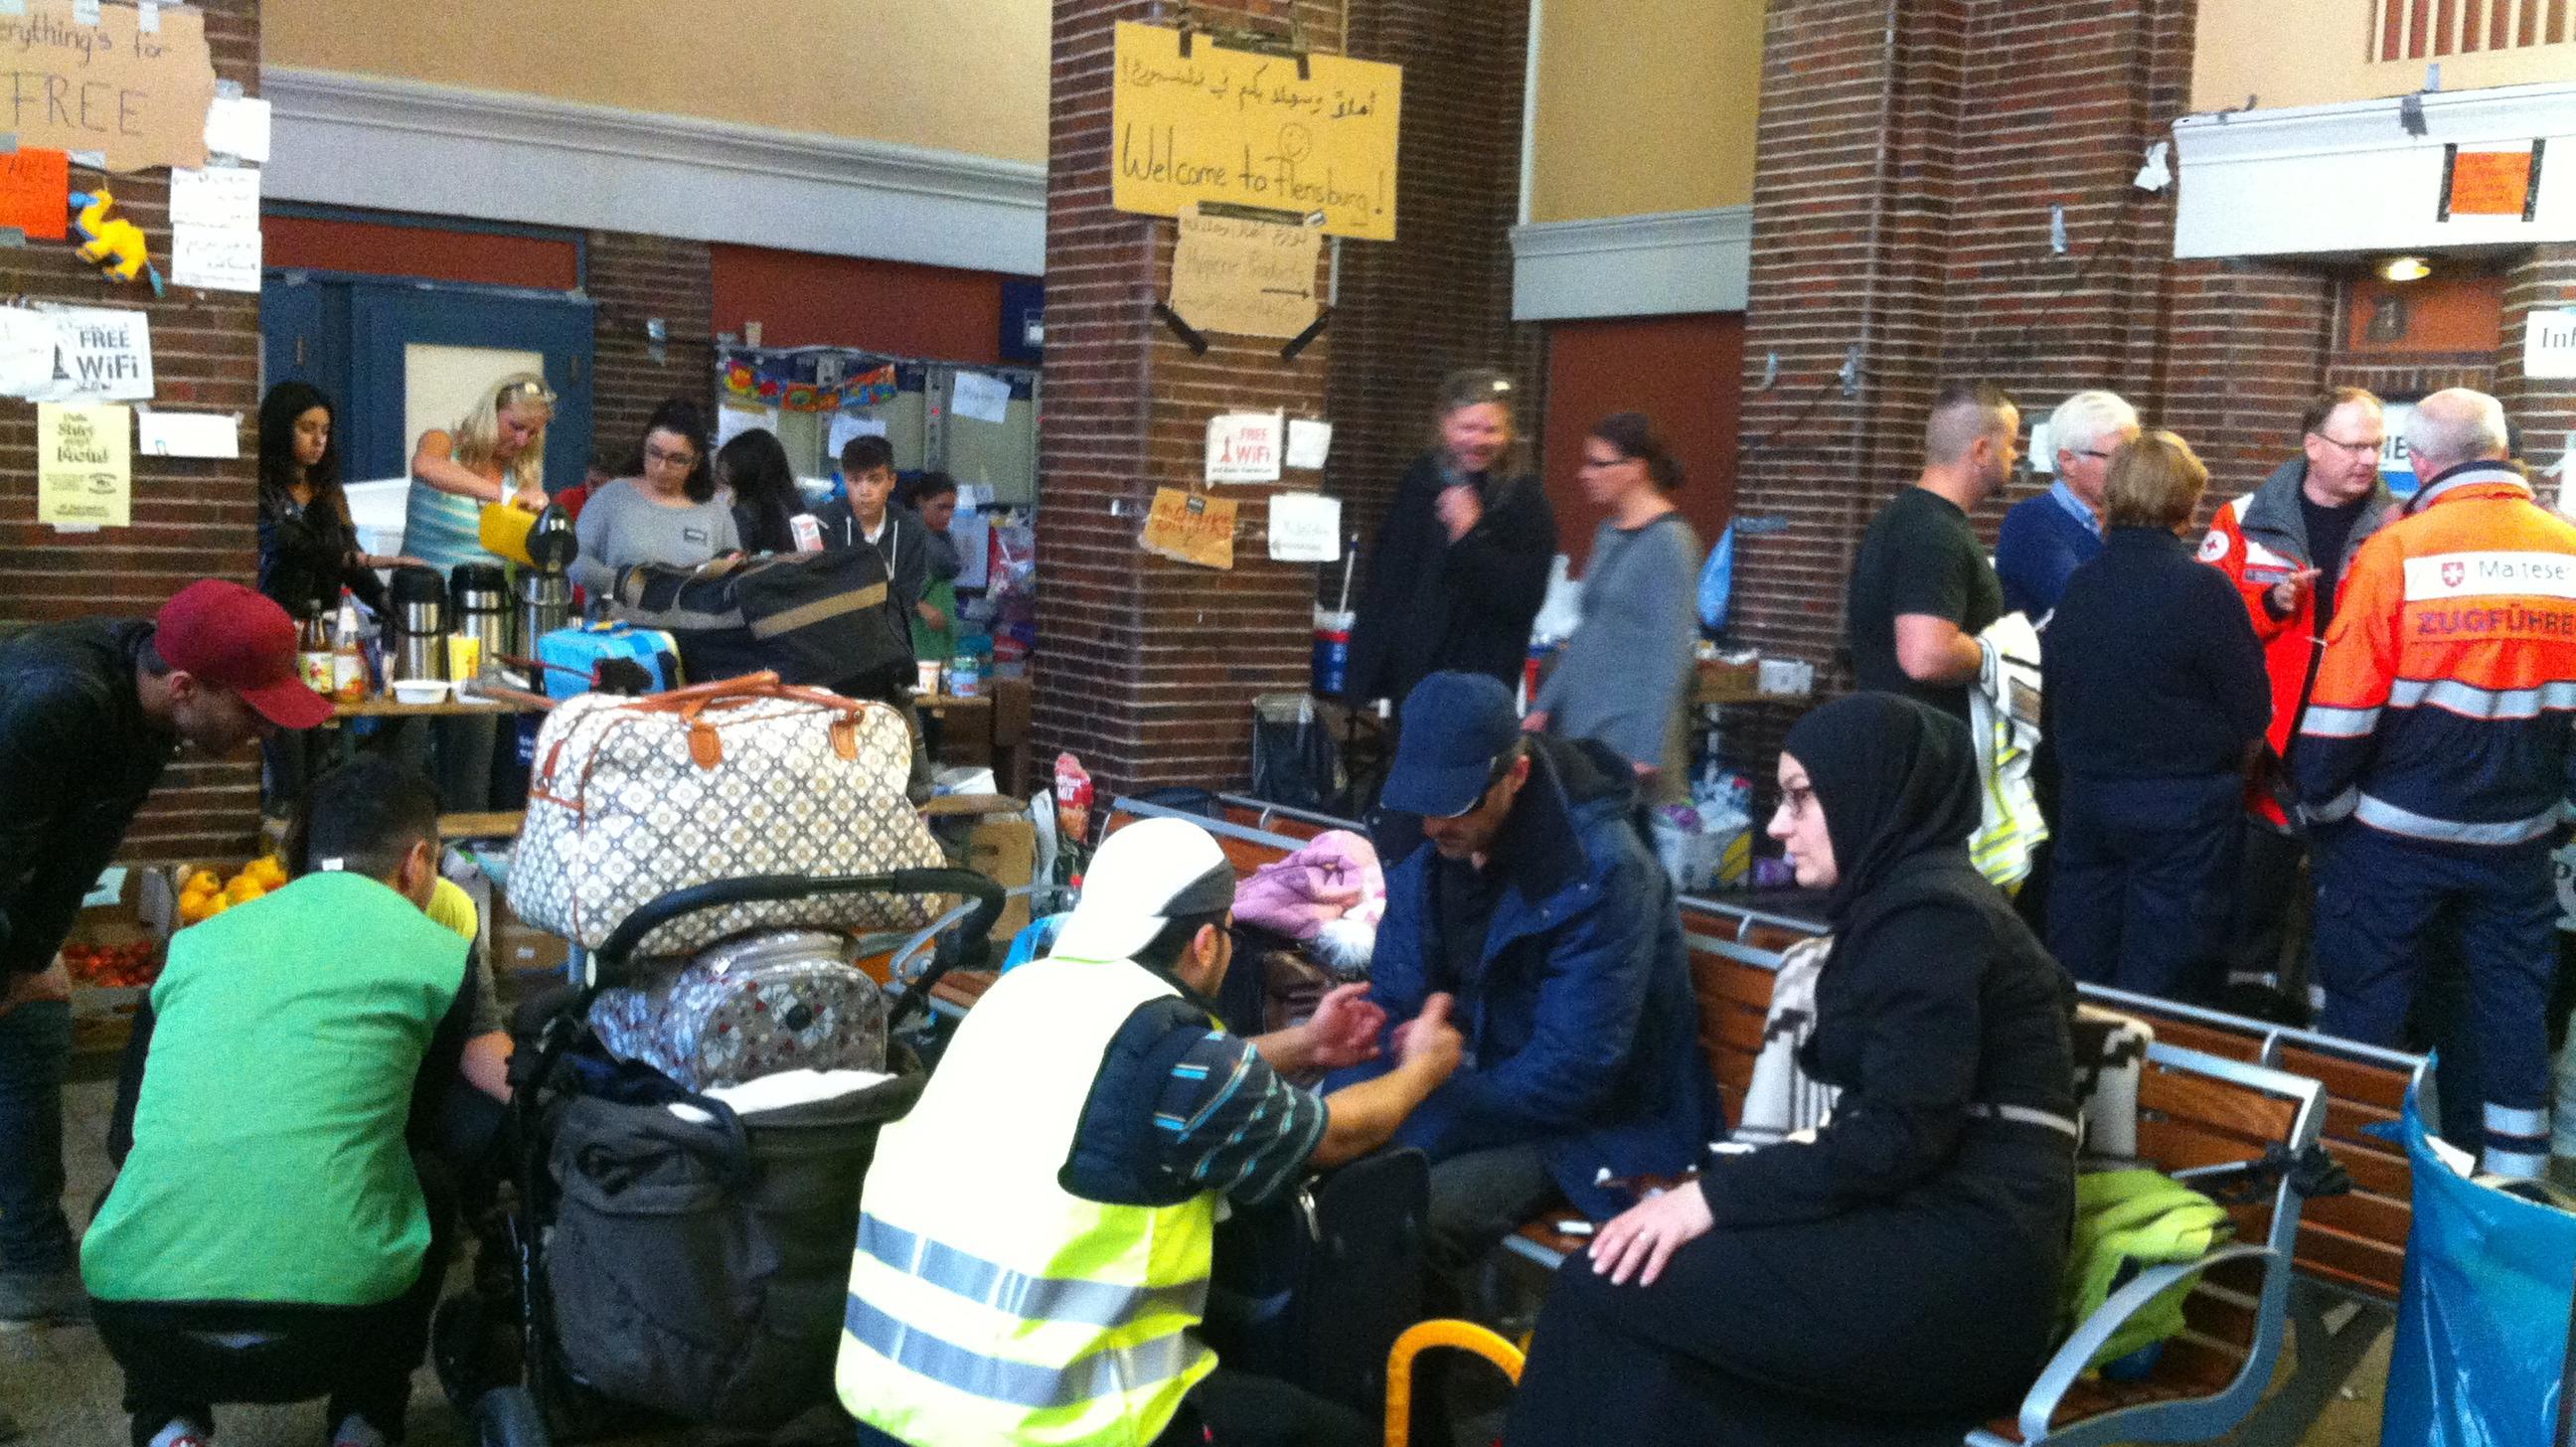 flygtninge på flensborg station.jpg